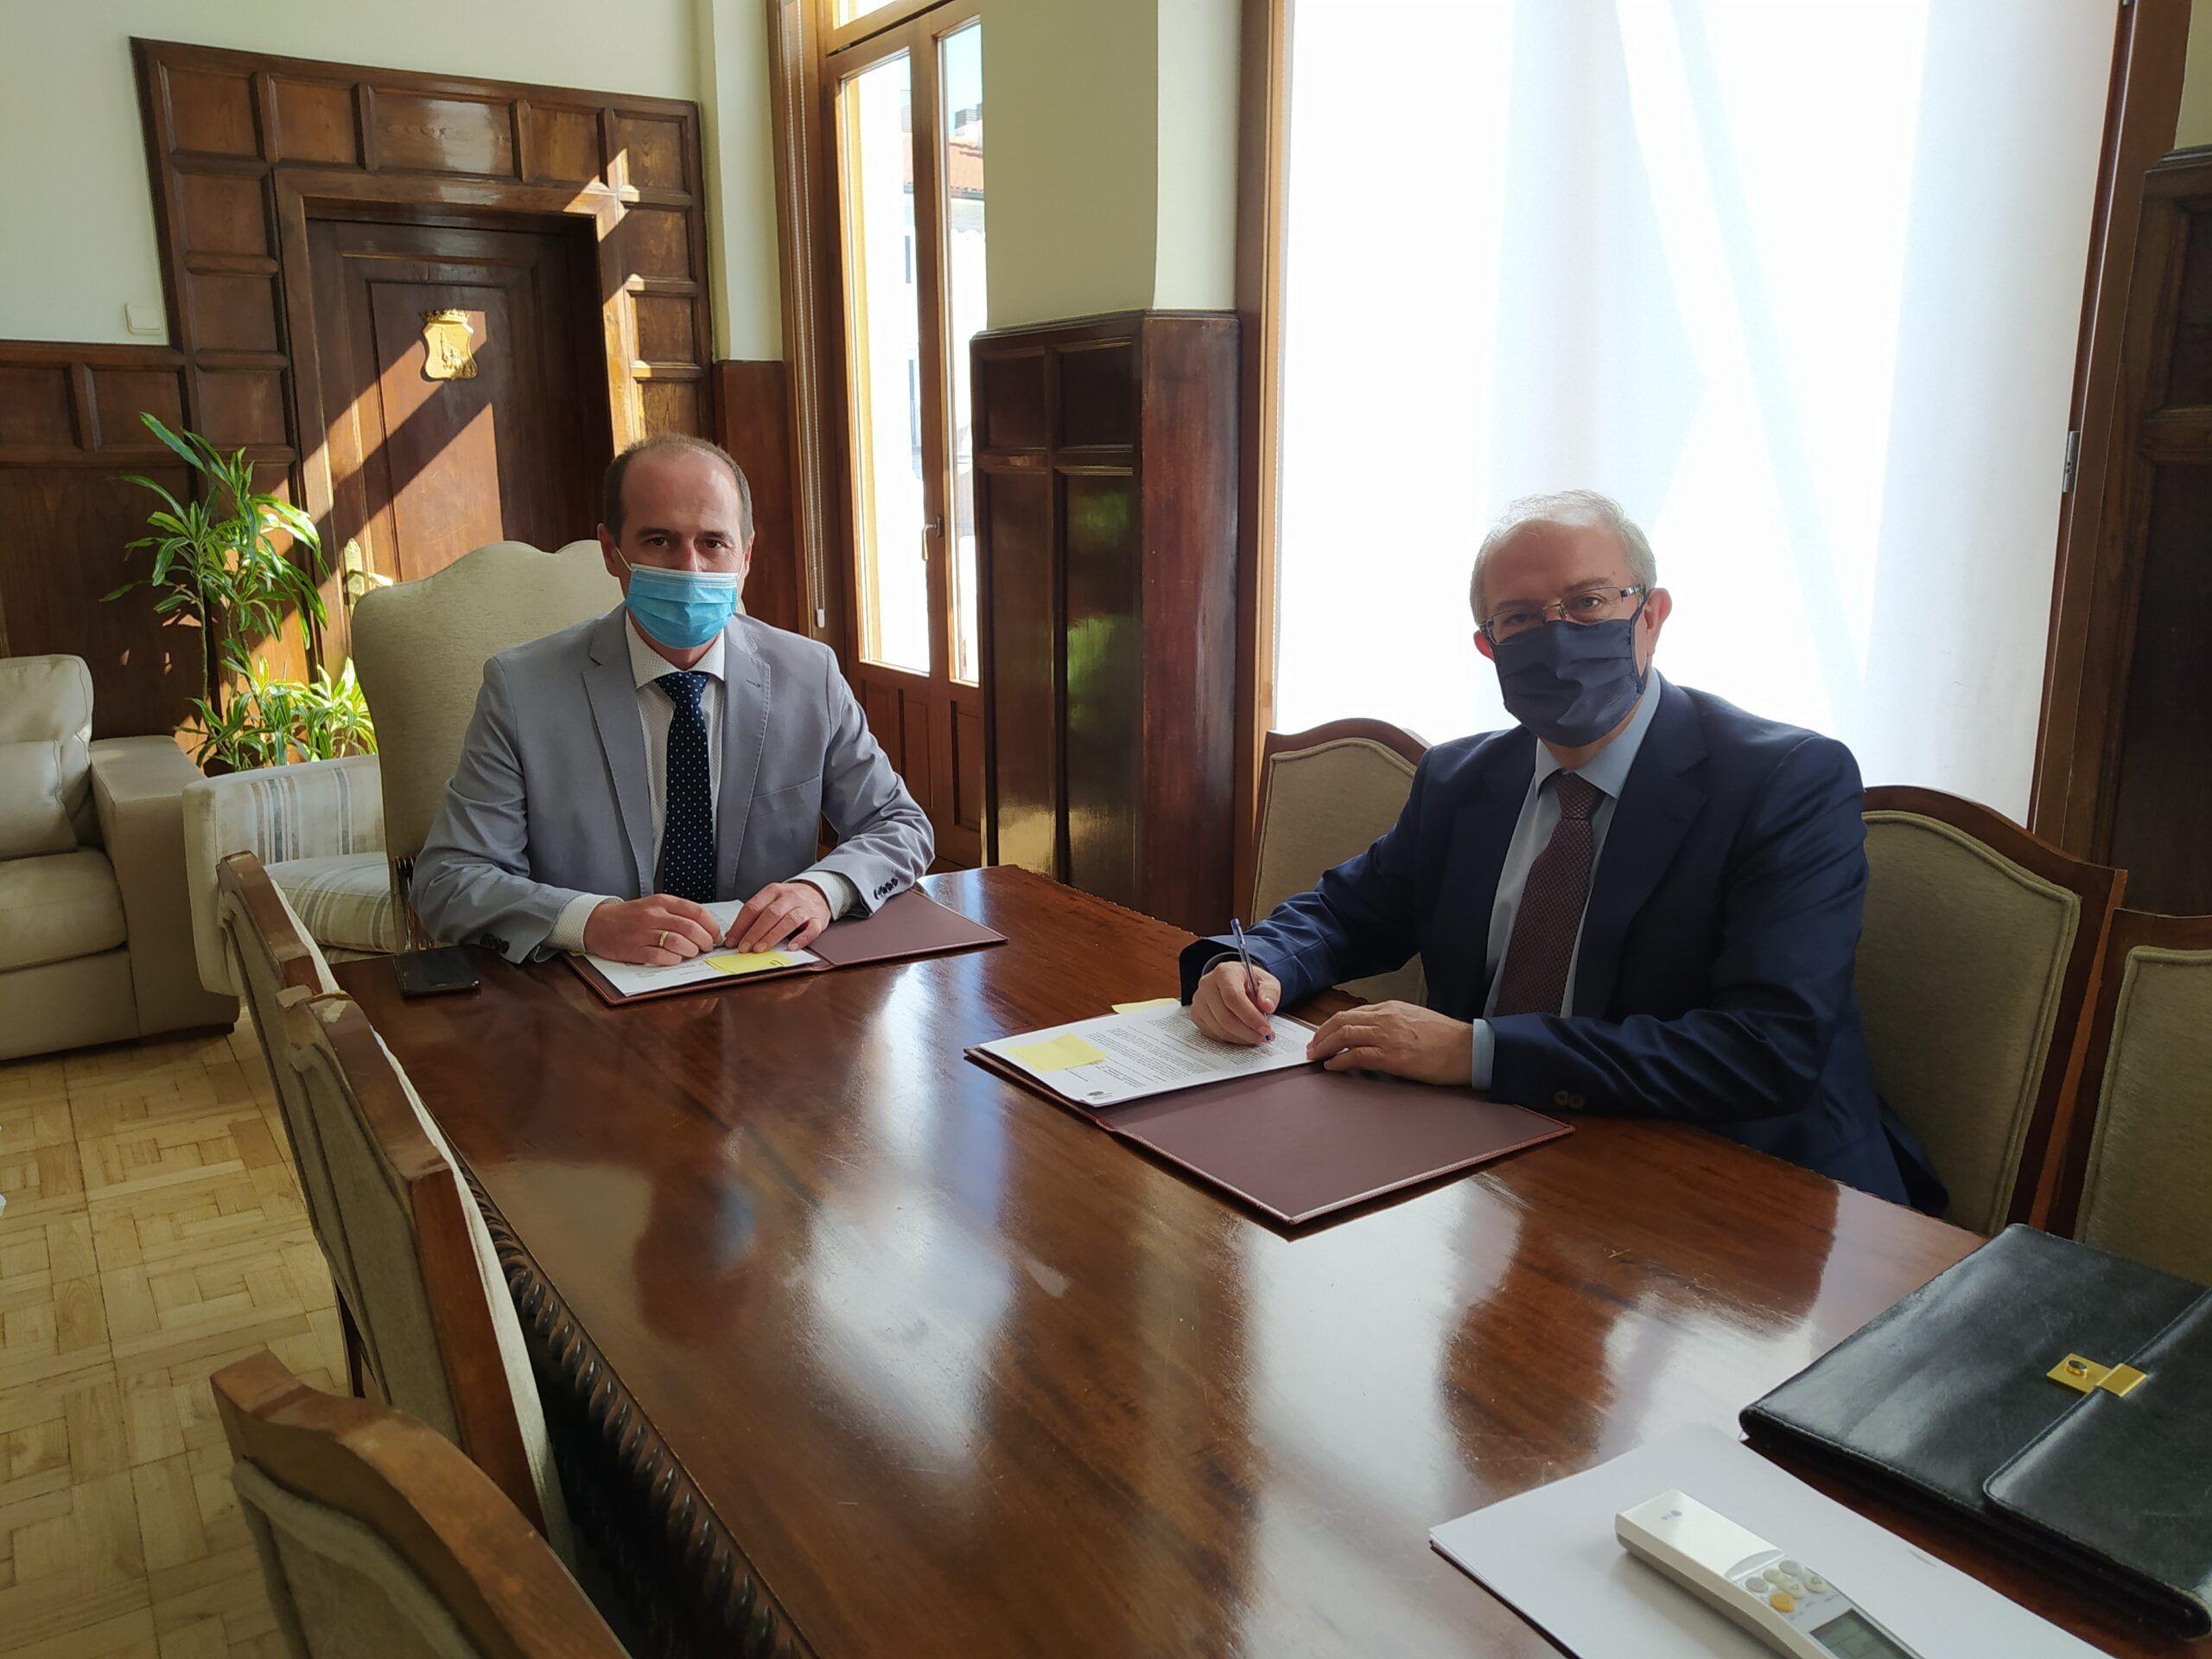 El Ayuntamiento renueva con Ibercaja el convenio de colaboración que facilita los trámites de la gestión tributaria municipal